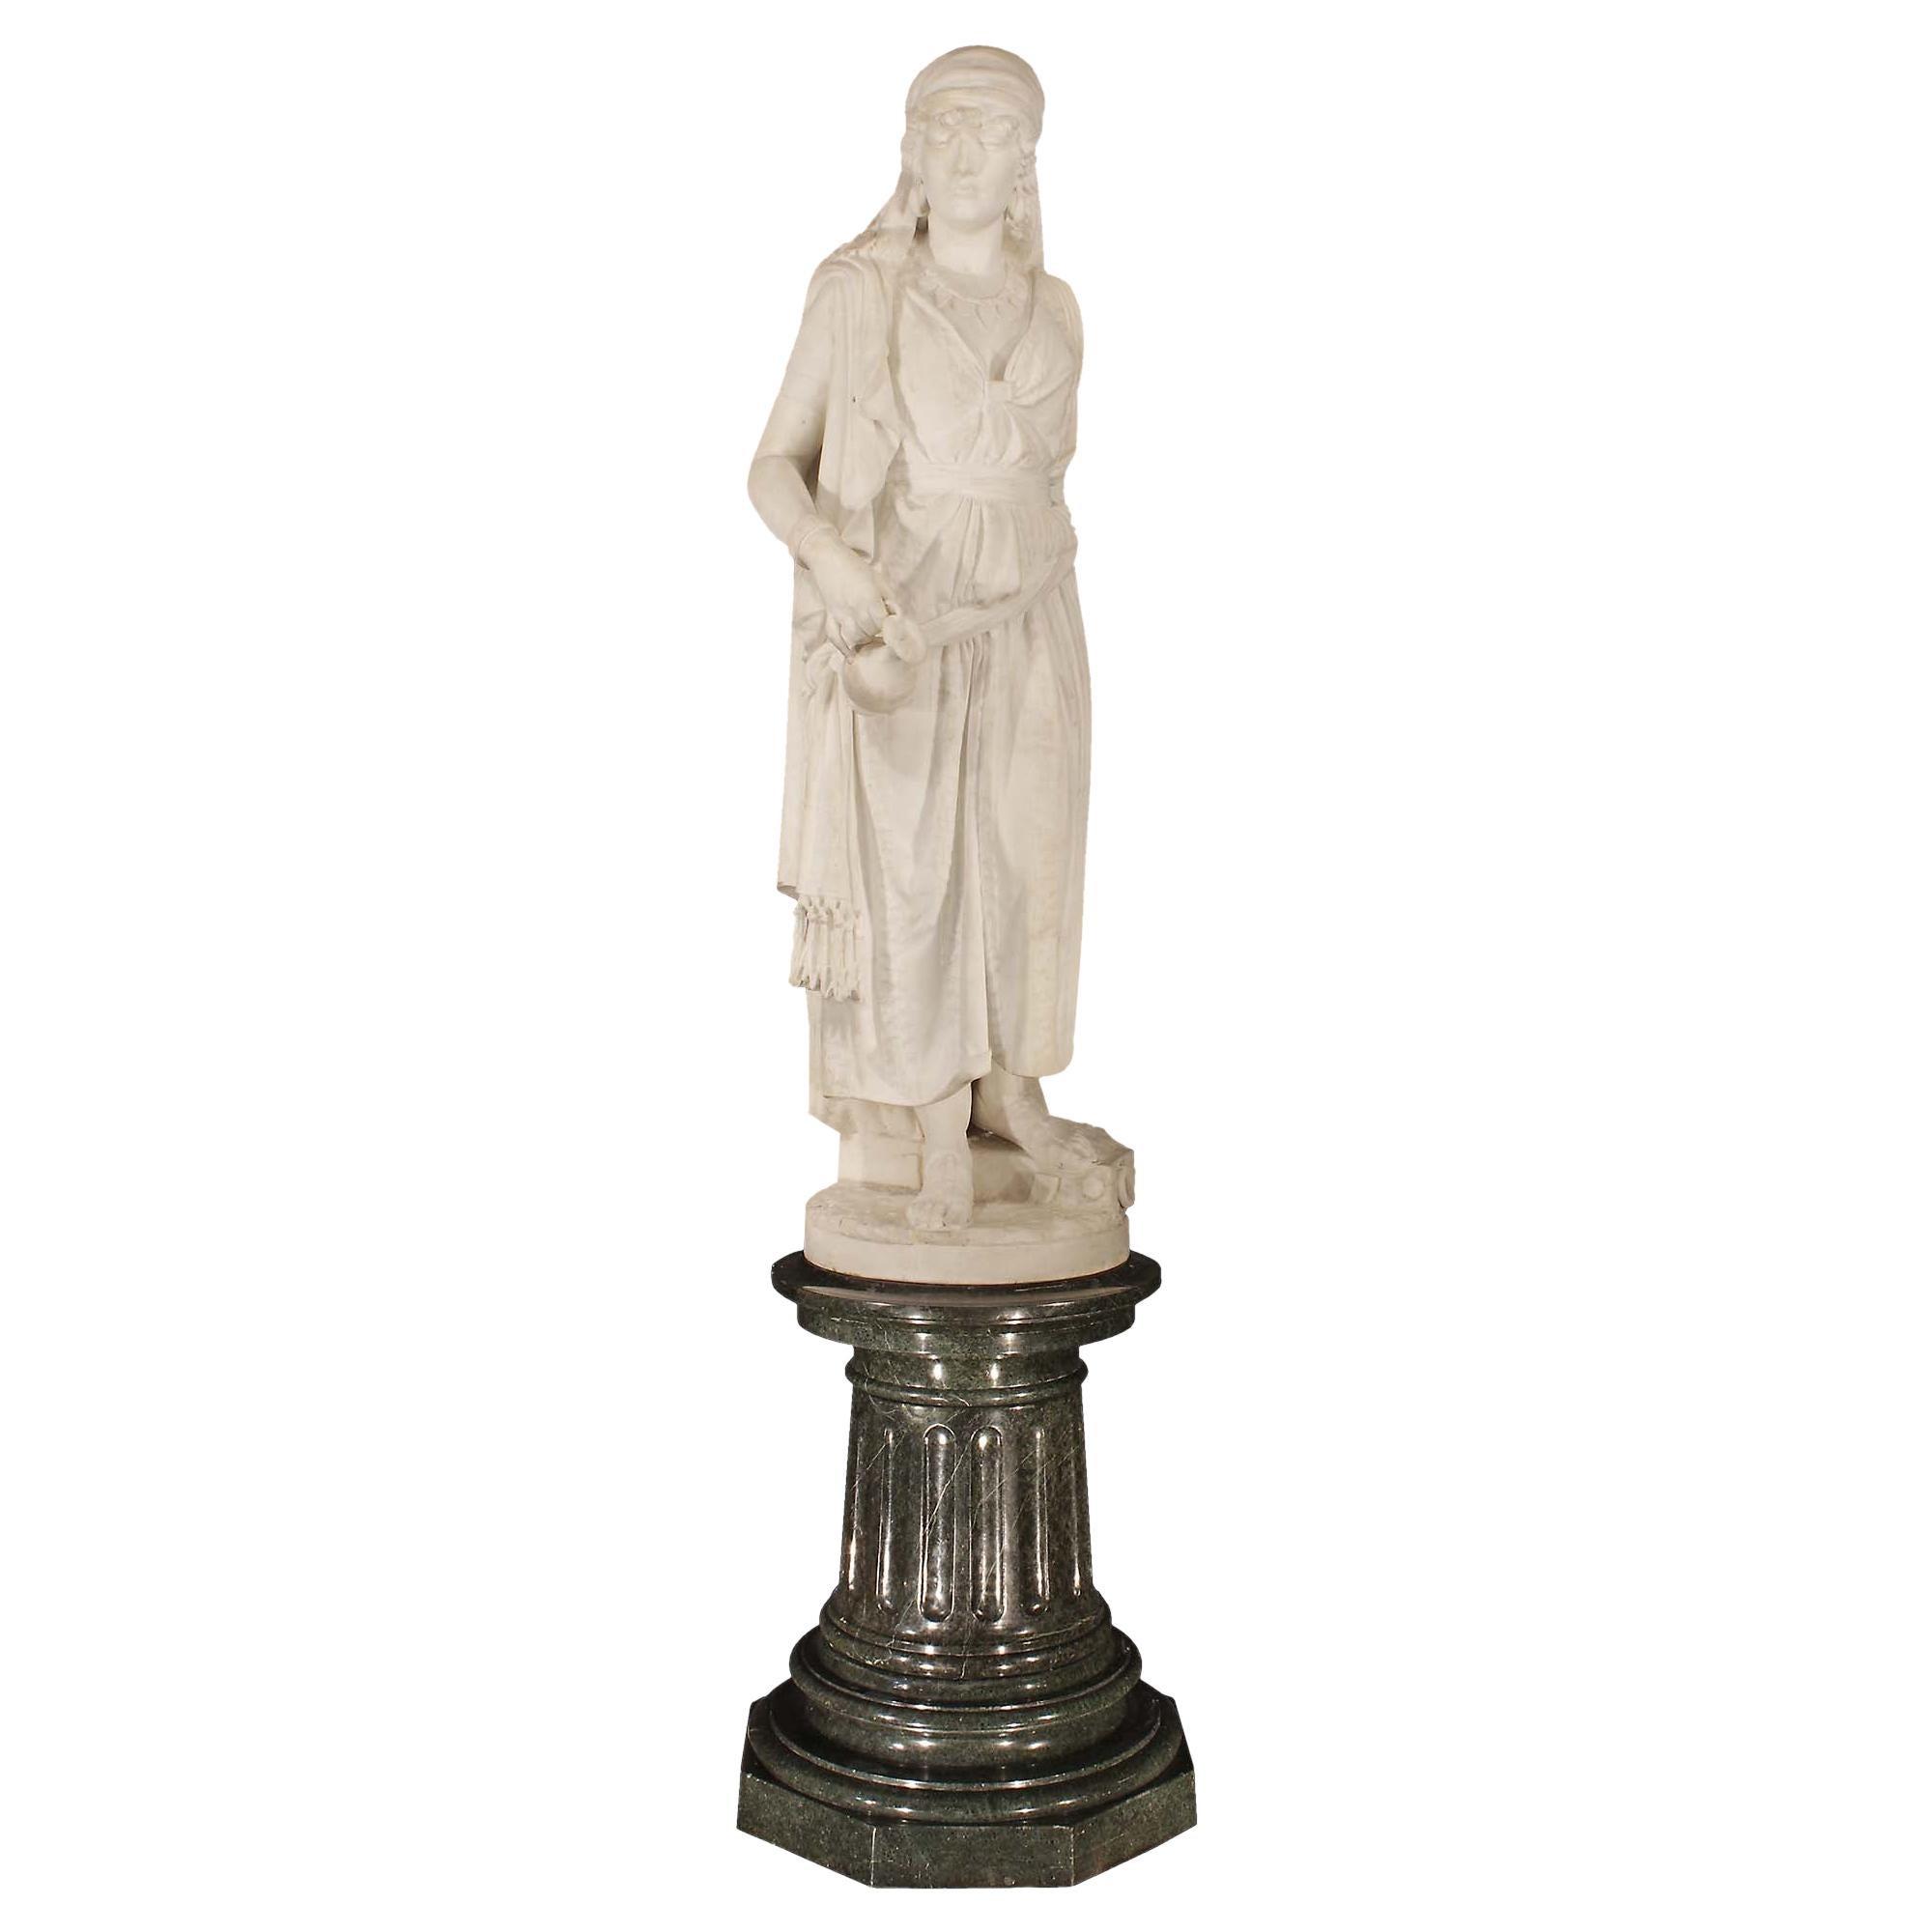 Italian 19th Century Solid White Carrera Marble Jael, Signed Guglielmo Baldi